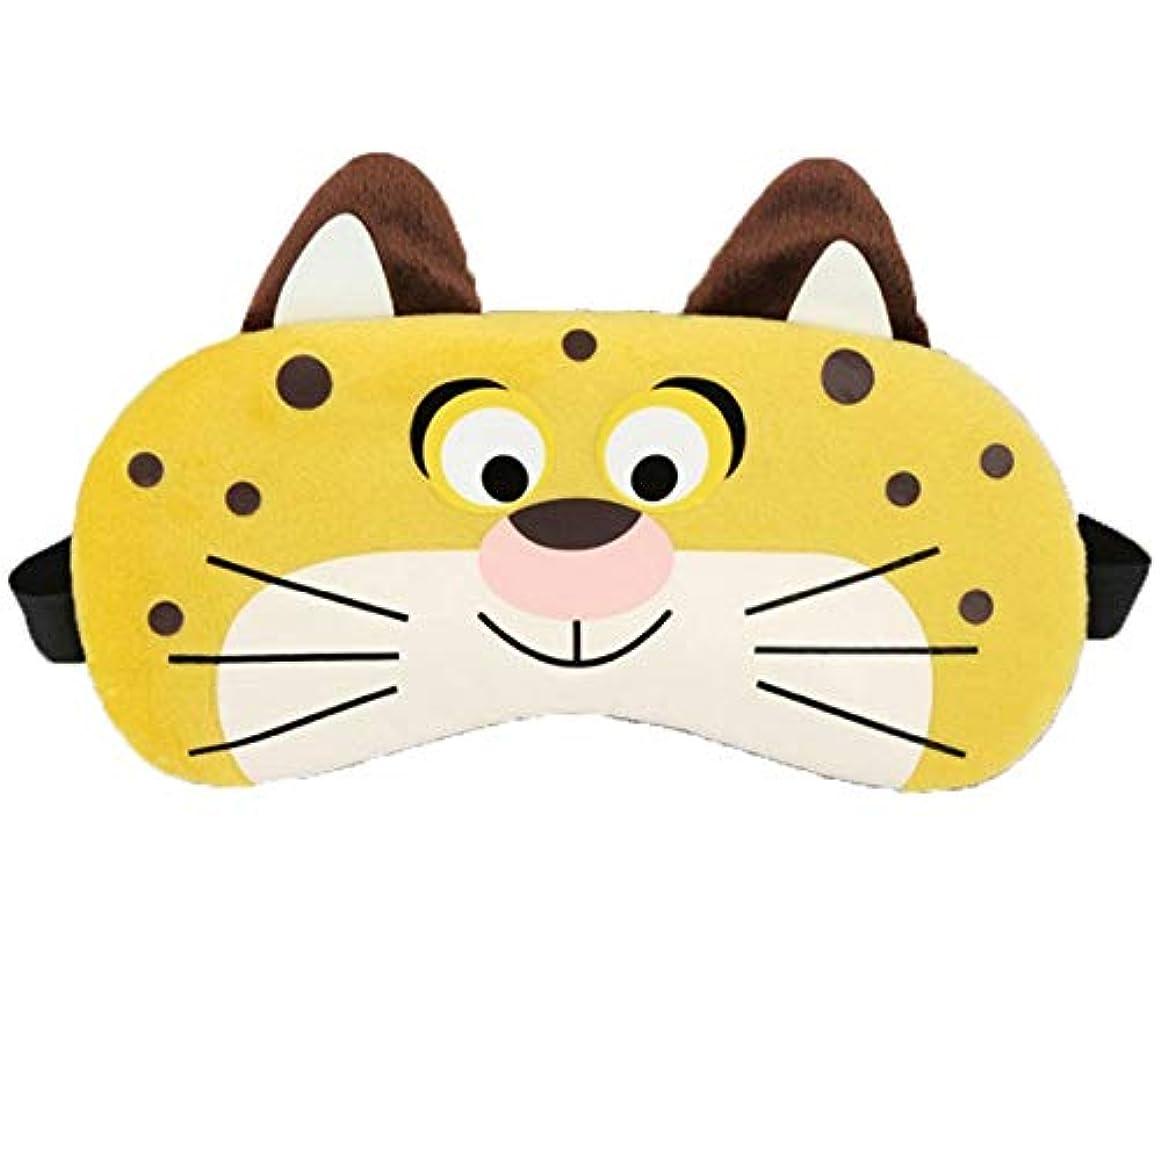 粘性の下着ピジンNOTE ソフトコットンシームレススリーピングマスクアイマスクアイパッチヒョウセラピーパターンシェードカバー旅行のためリラックス睡眠補助MP0183